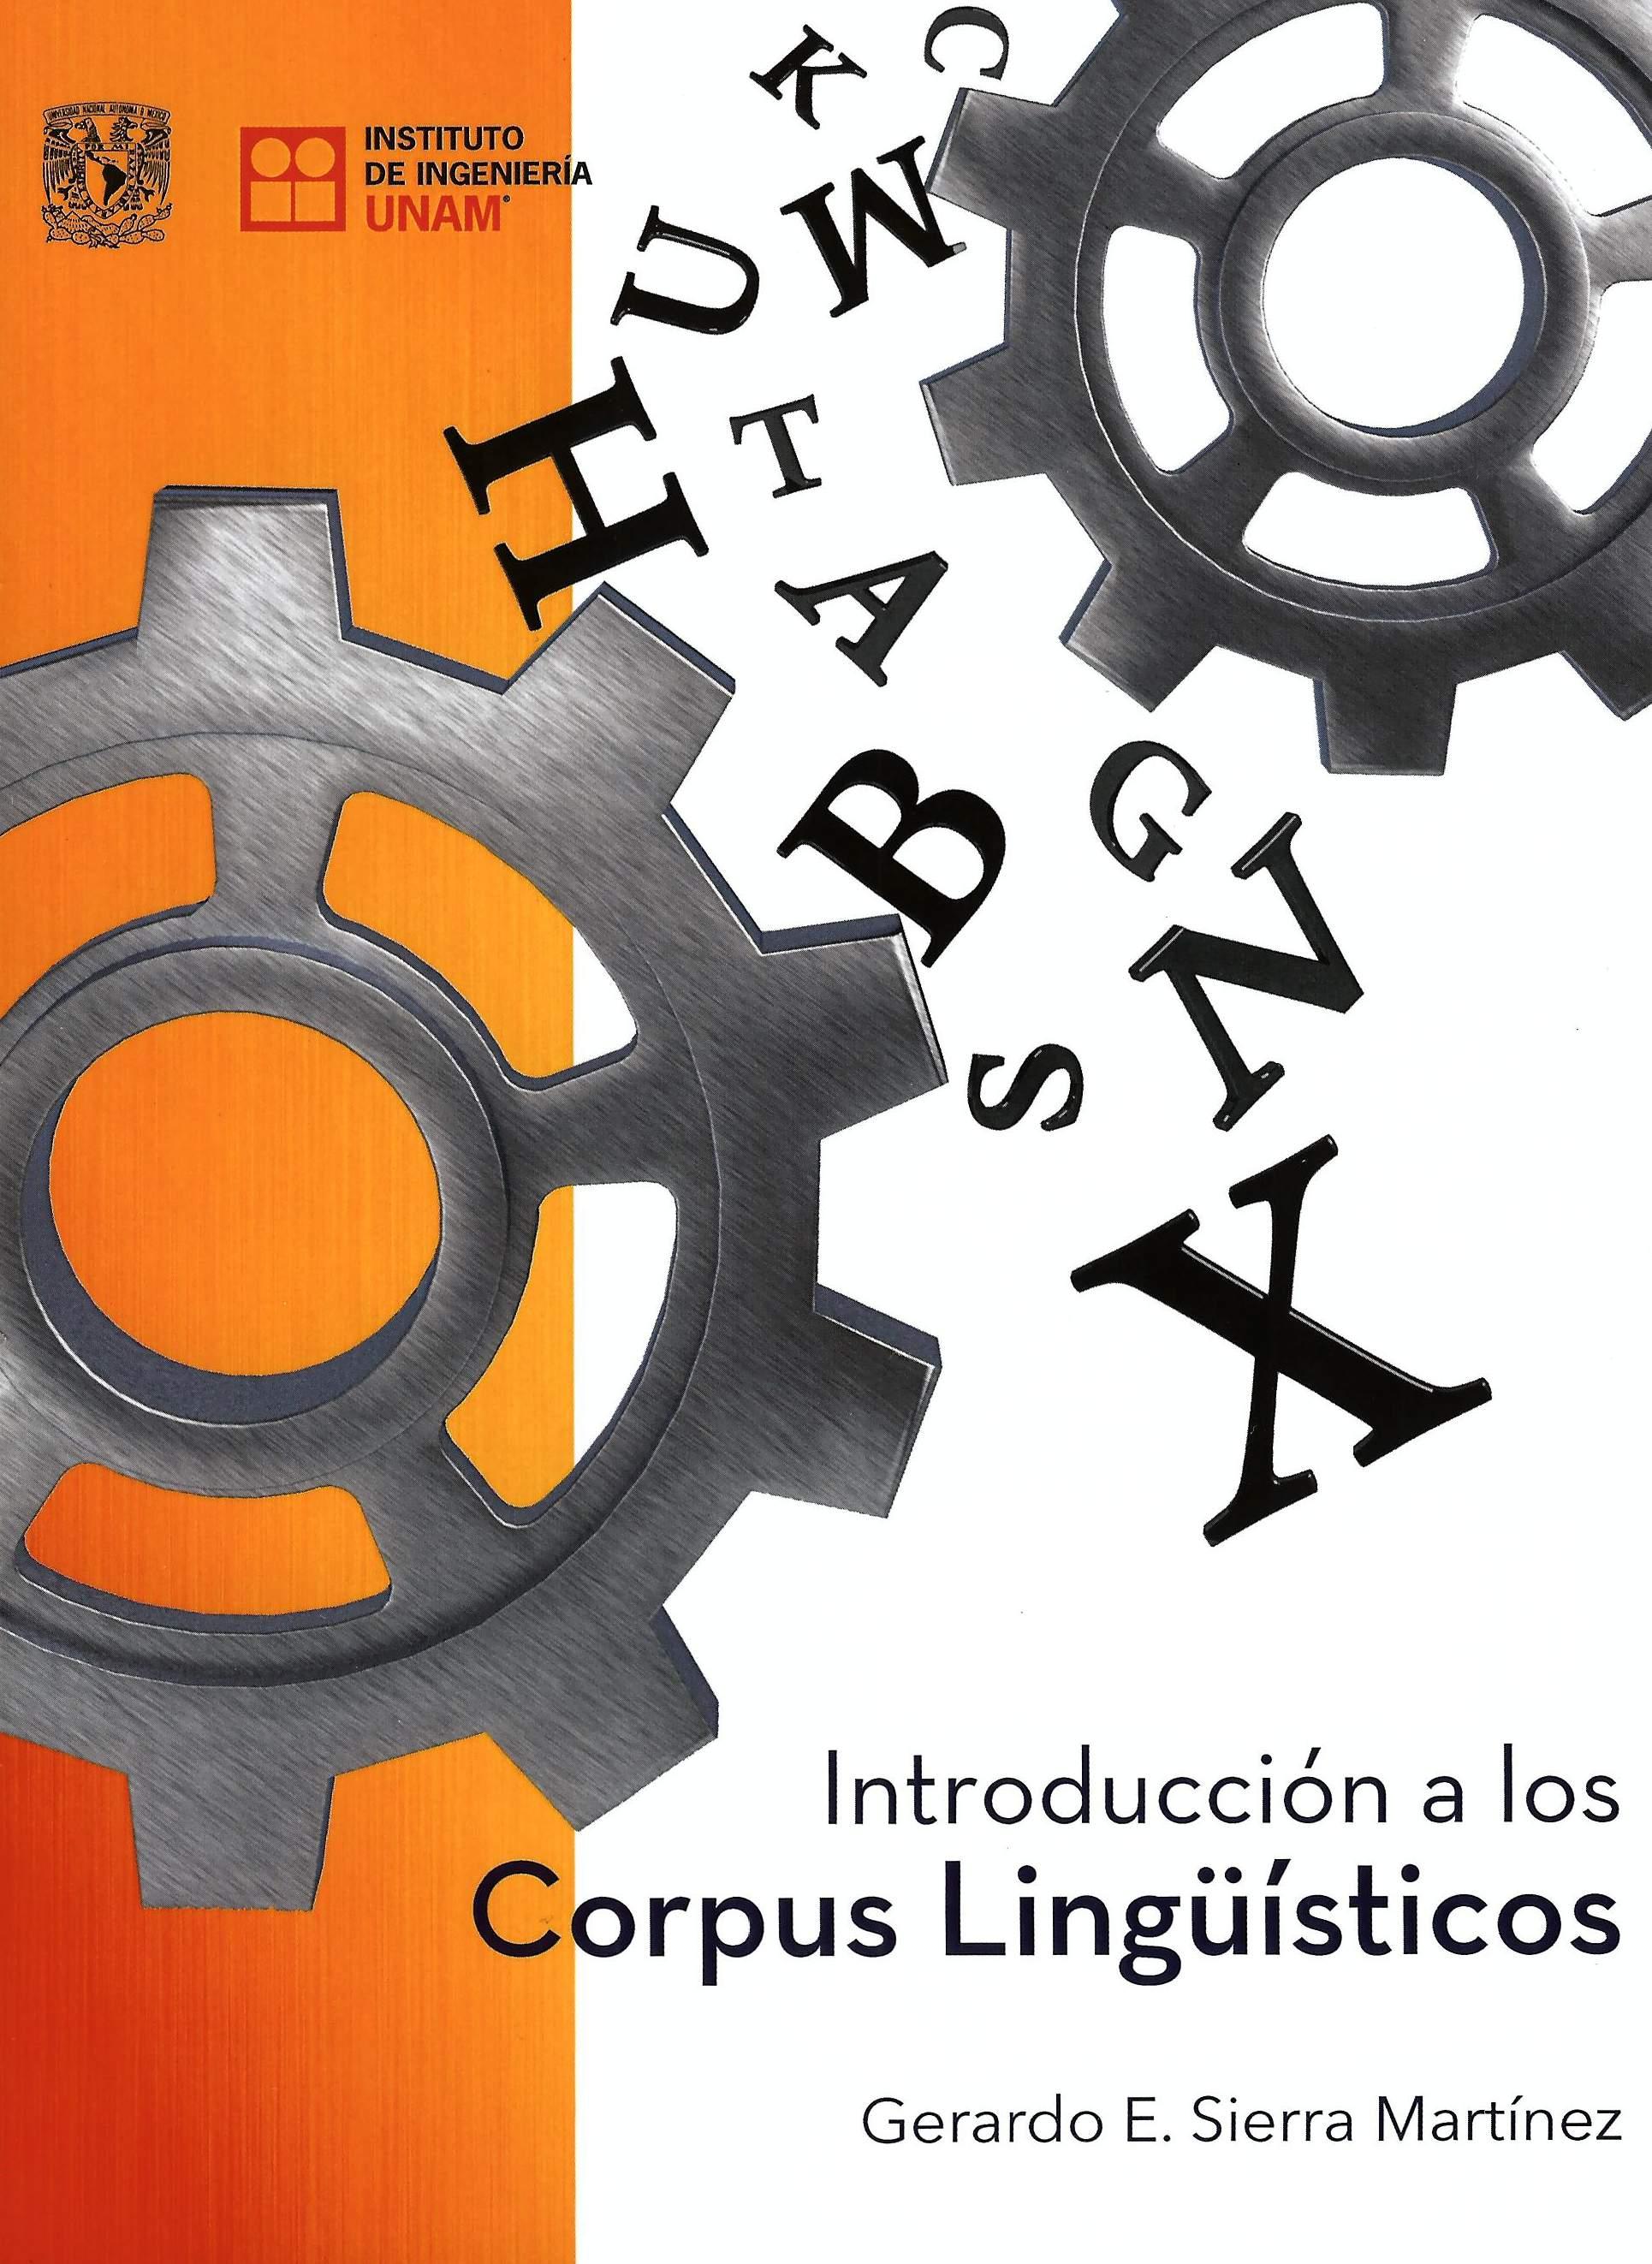 Introducción a los Corpus Lingüísticos